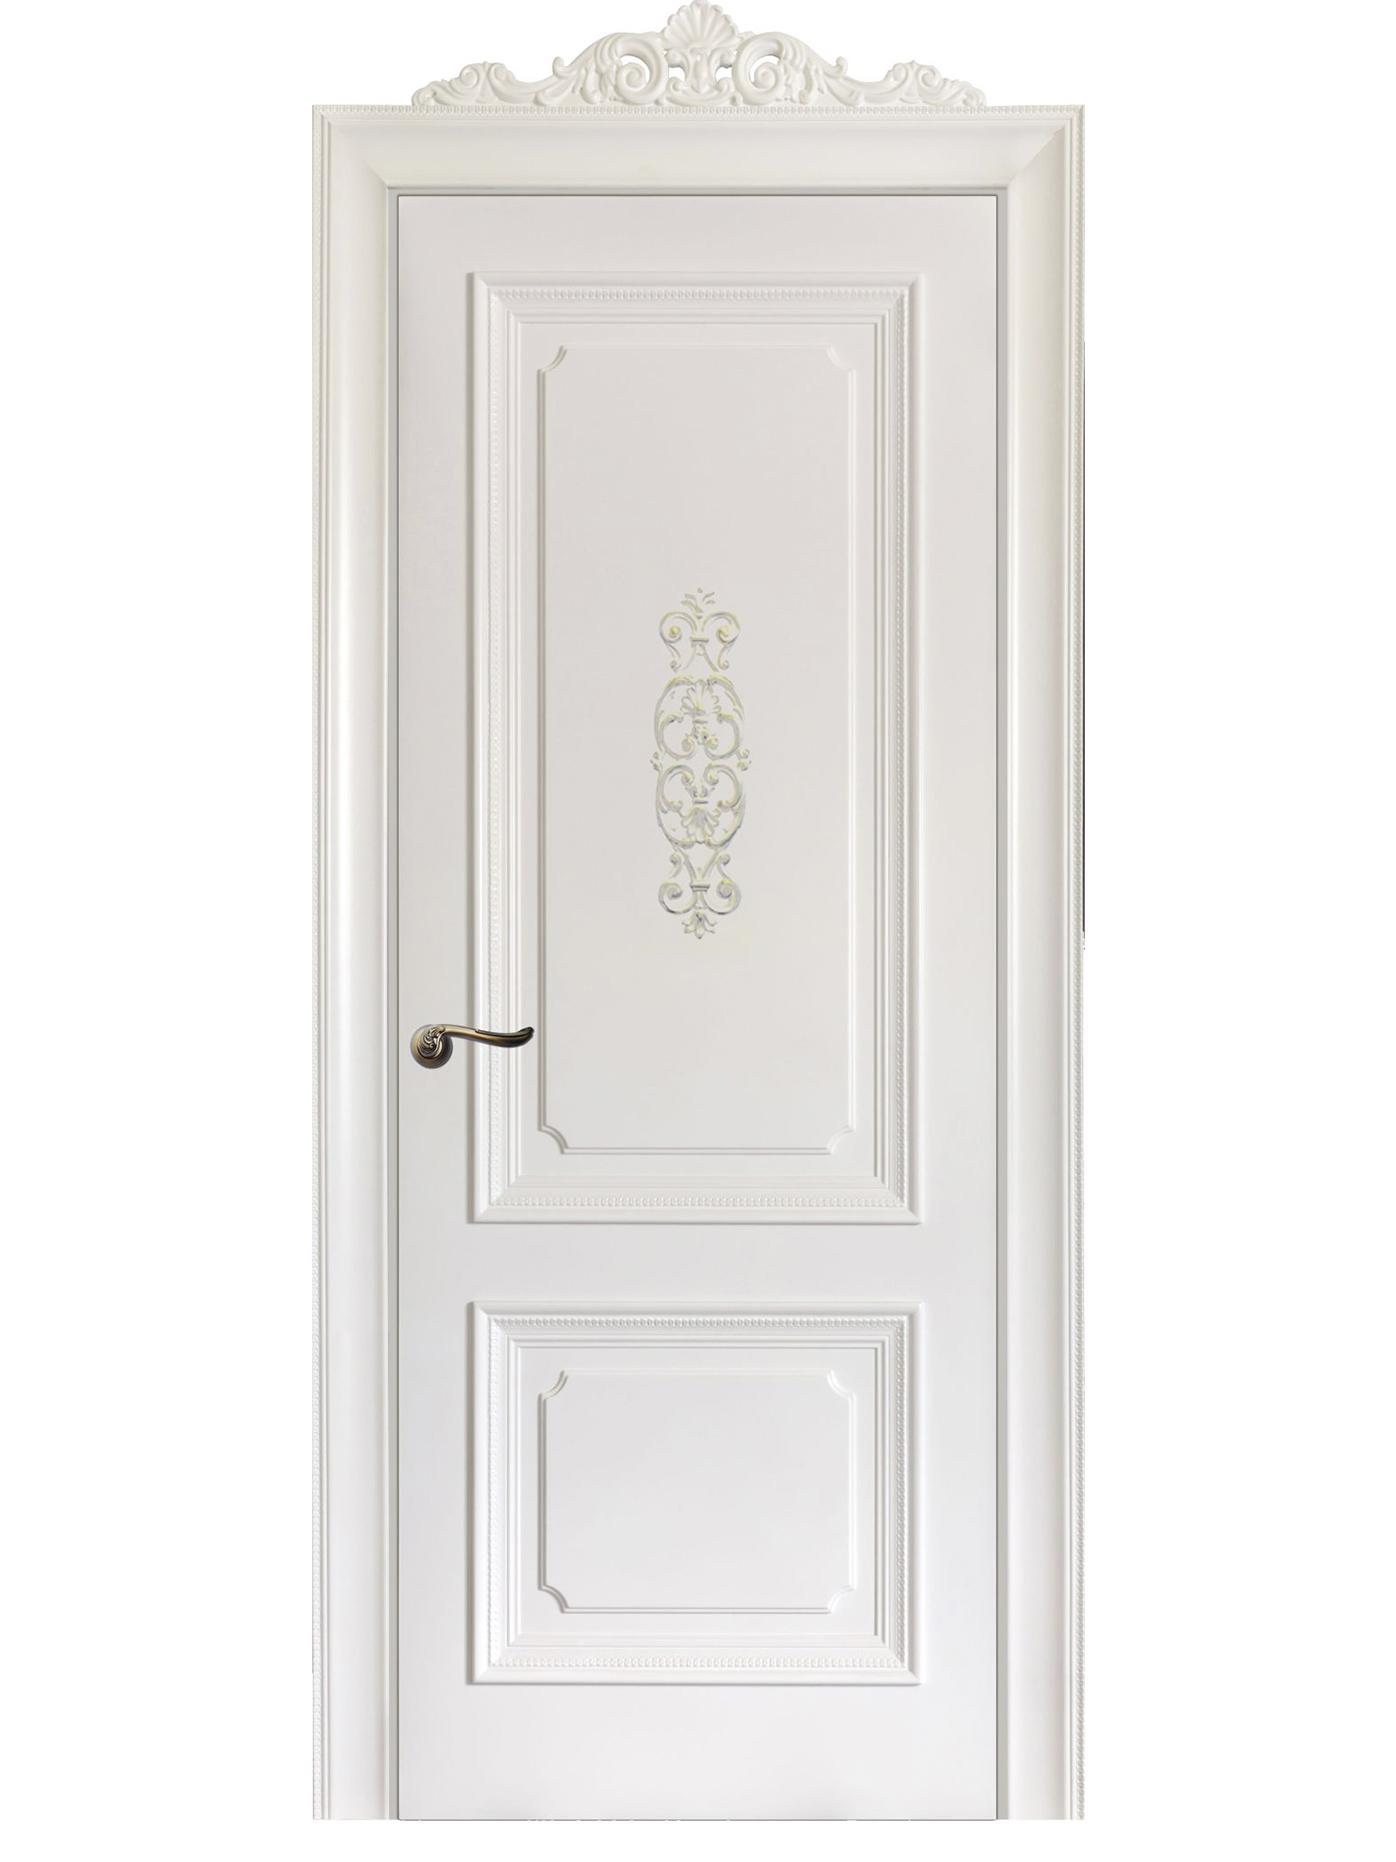 Image Floridia Fasonado Interior Door Italian Enamel White 0